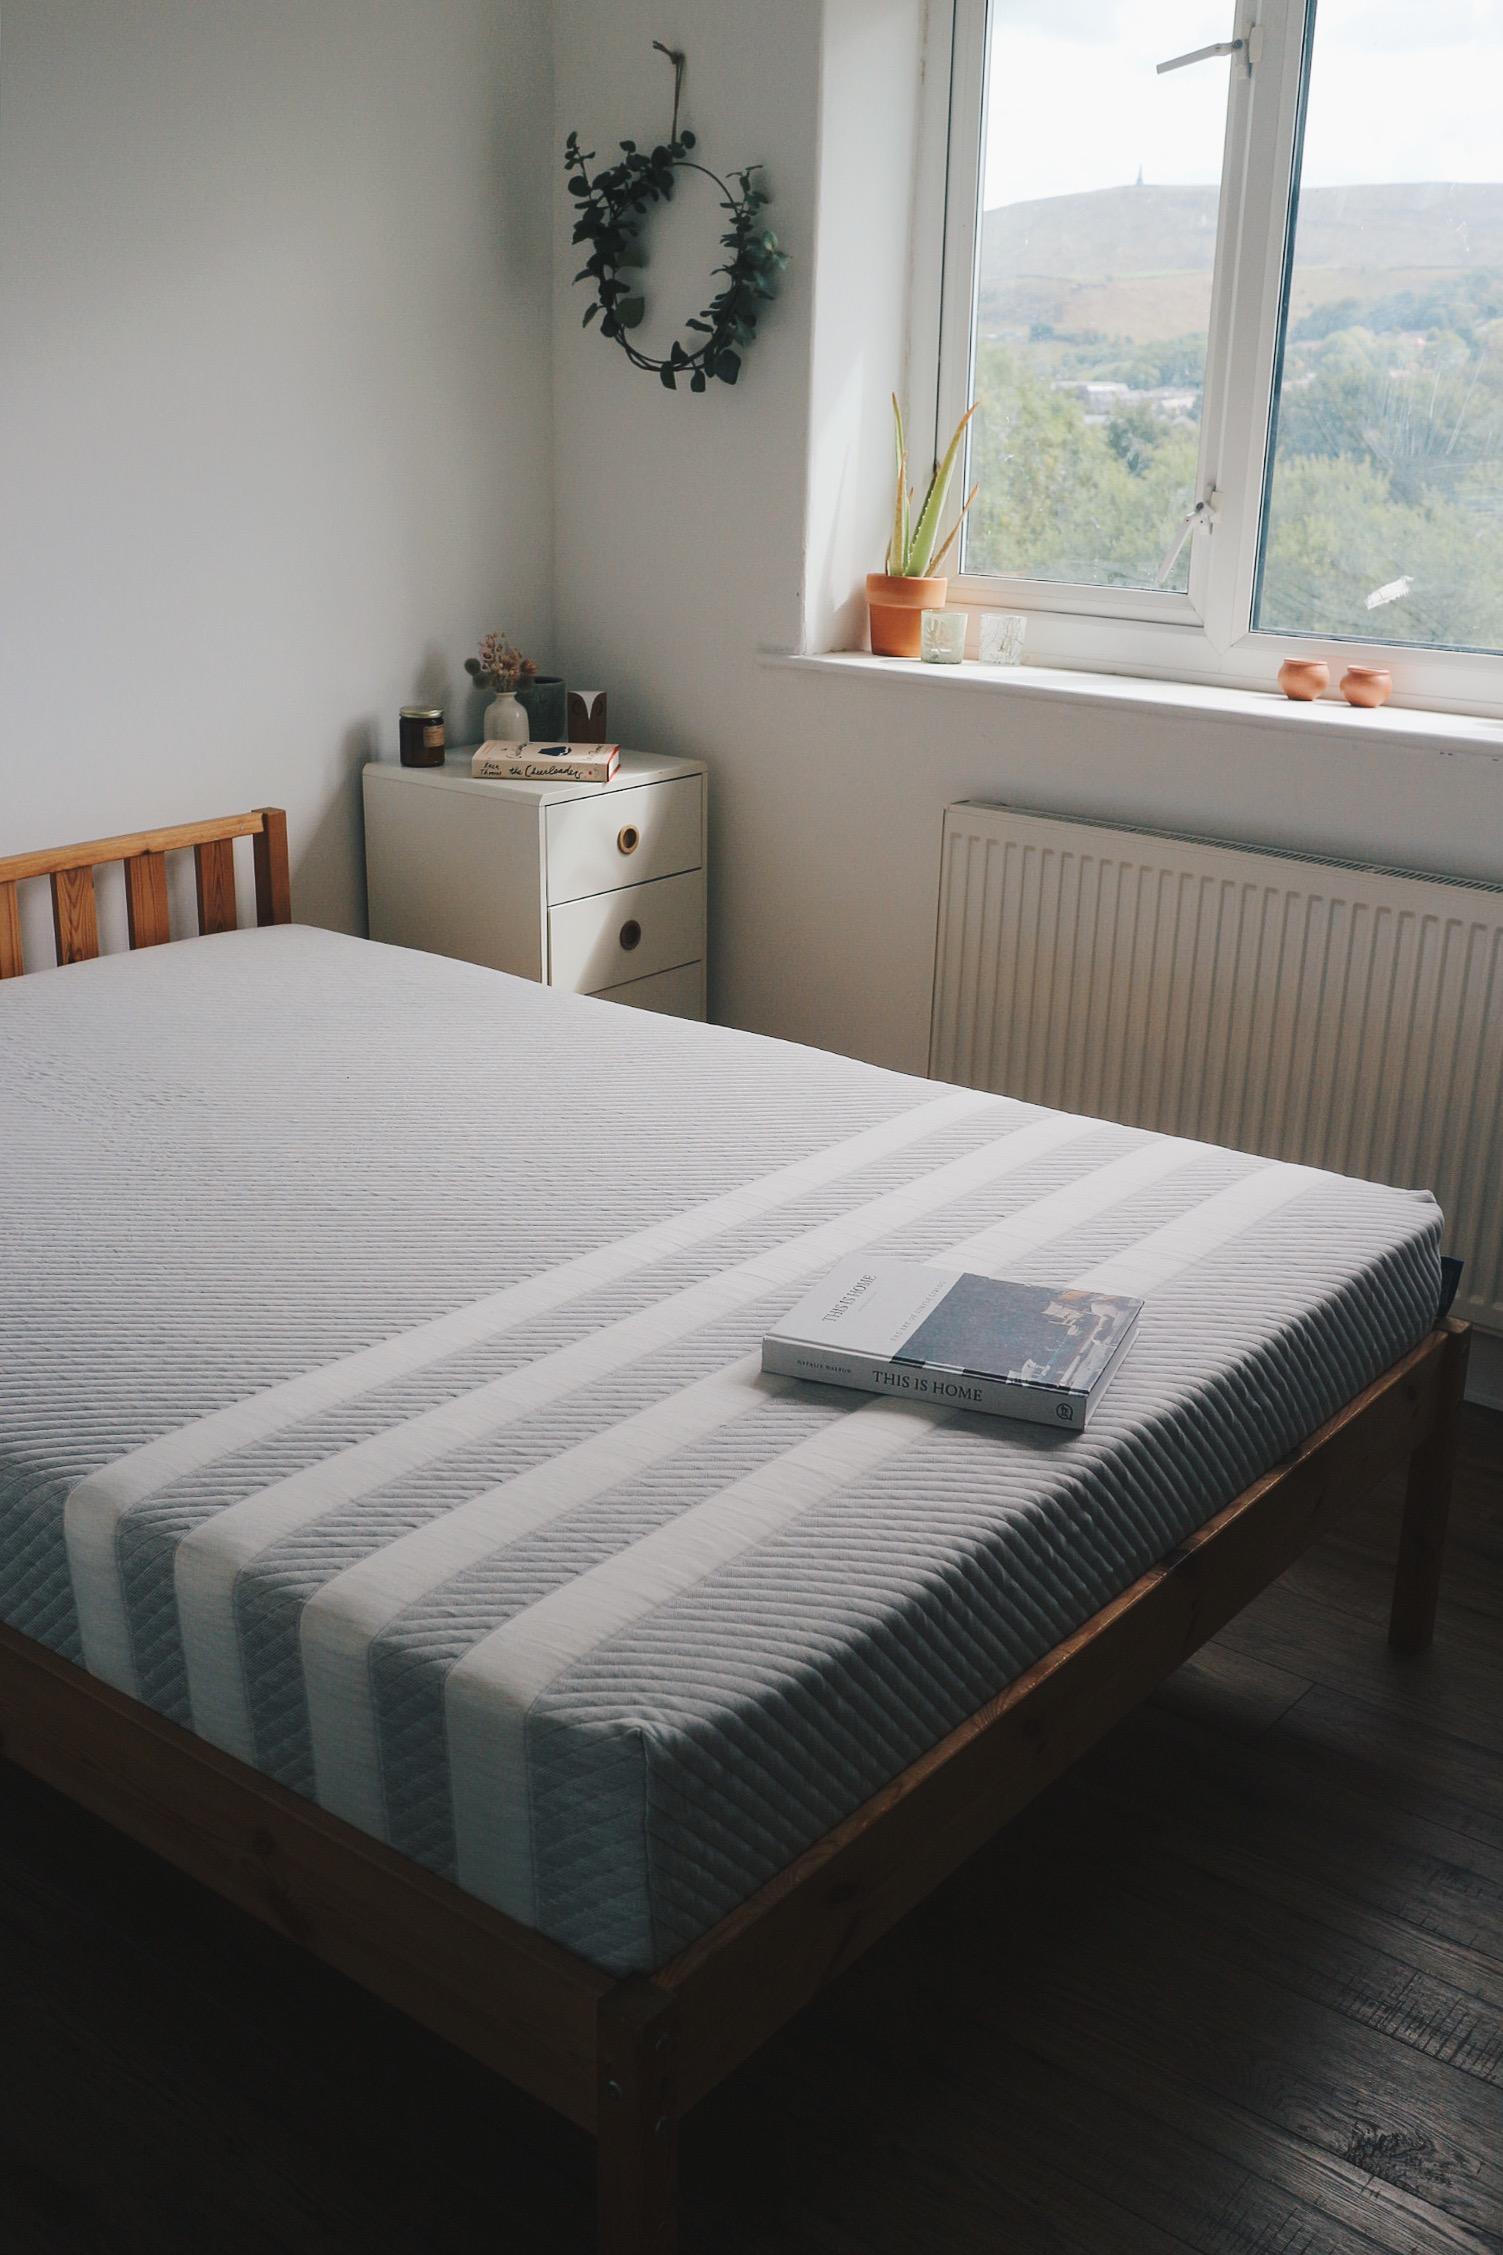 Calm & Relaxing Bedroom